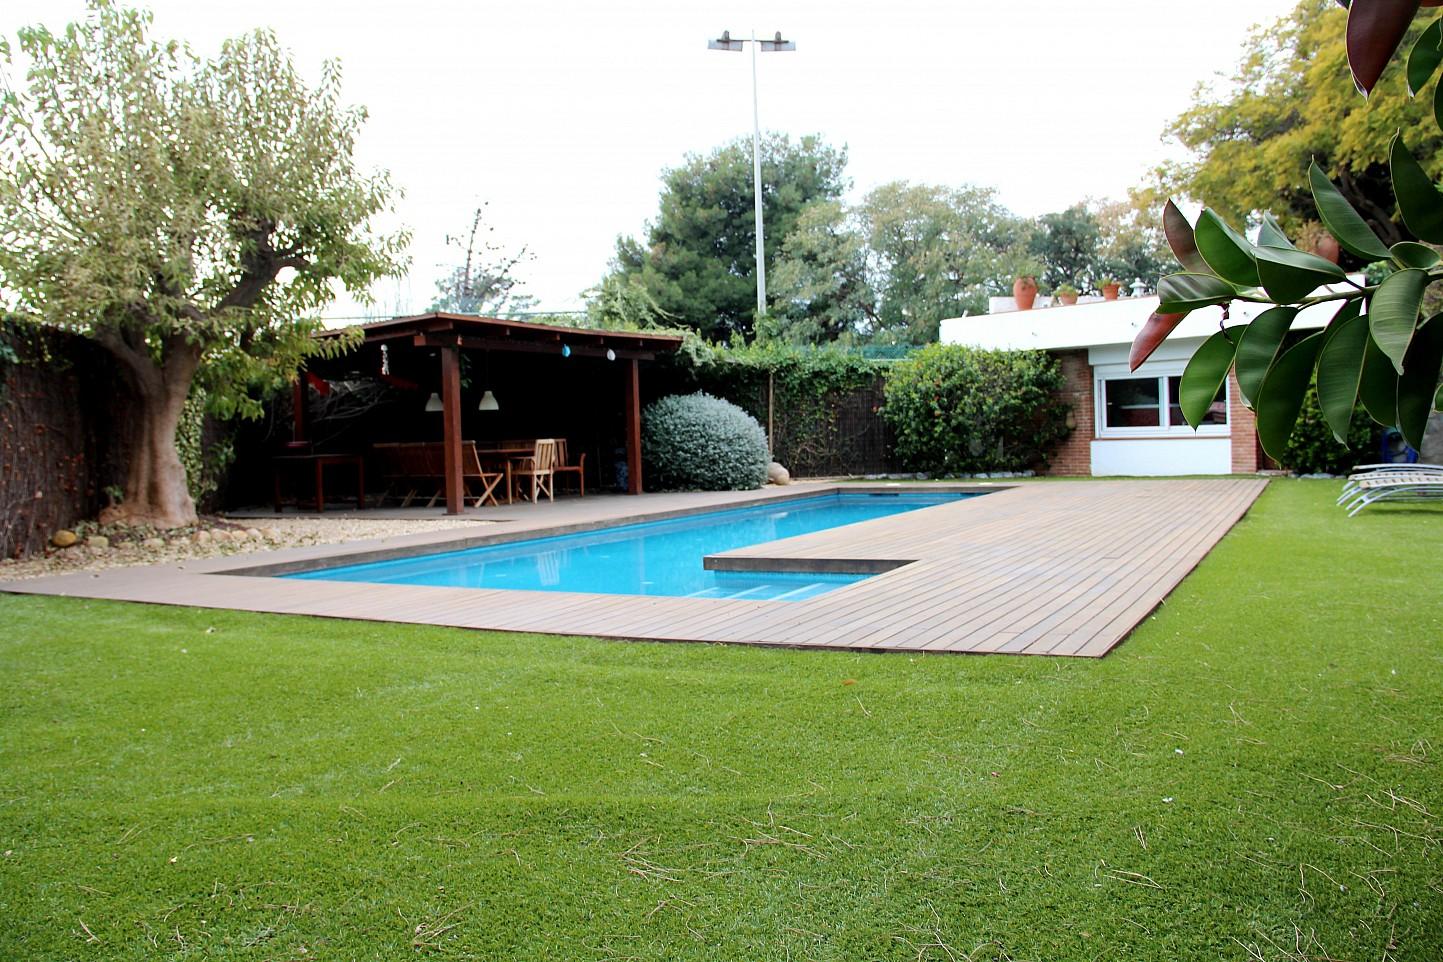 Magn fica casa con jard n y piscina en venta en el masnou for Piscina masnou